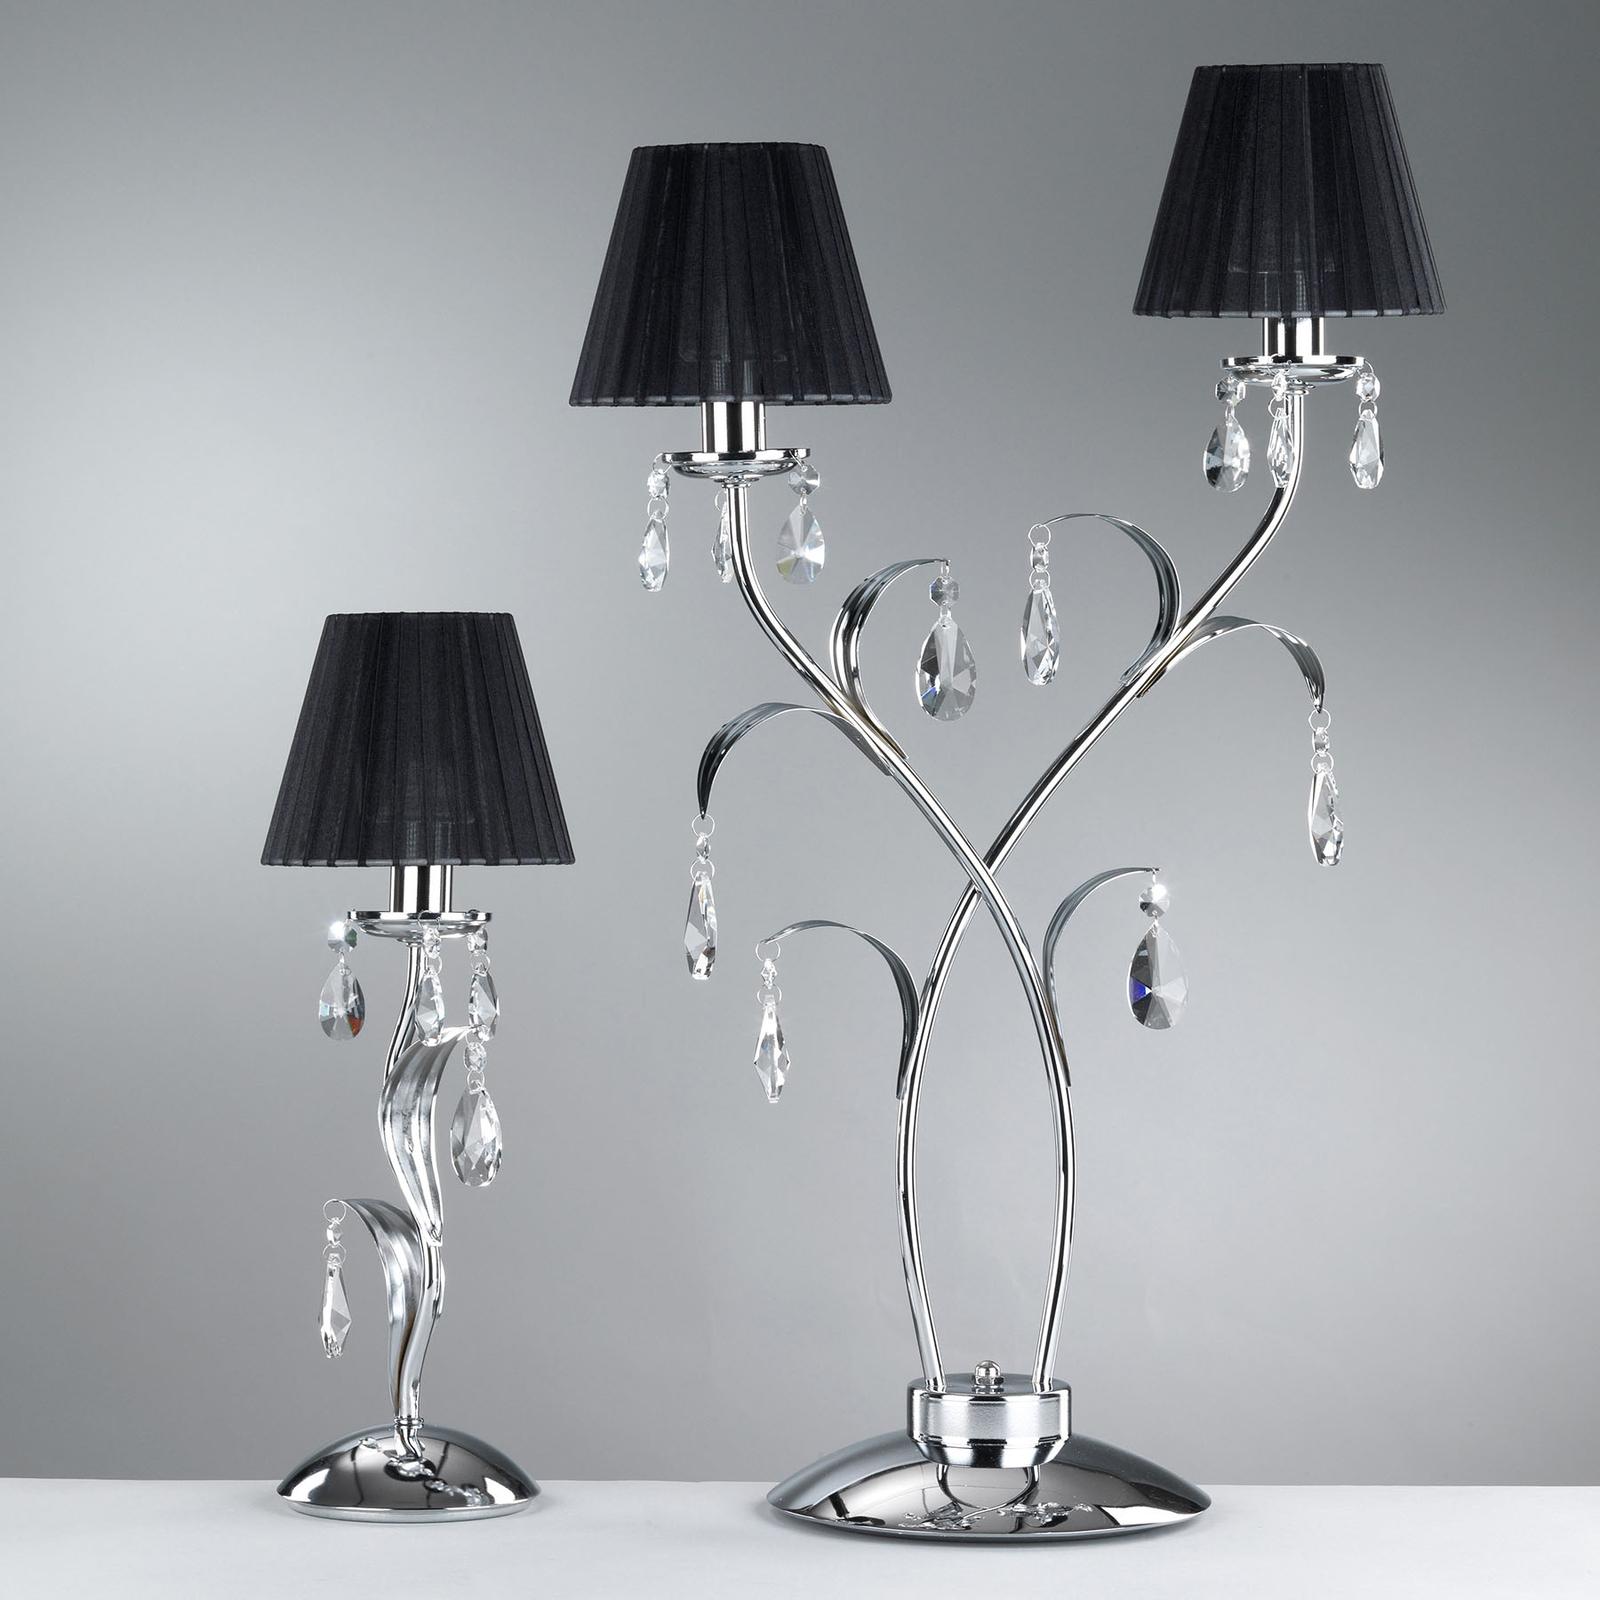 Lampe à poser Jacqueline, à 2 lampes, noire